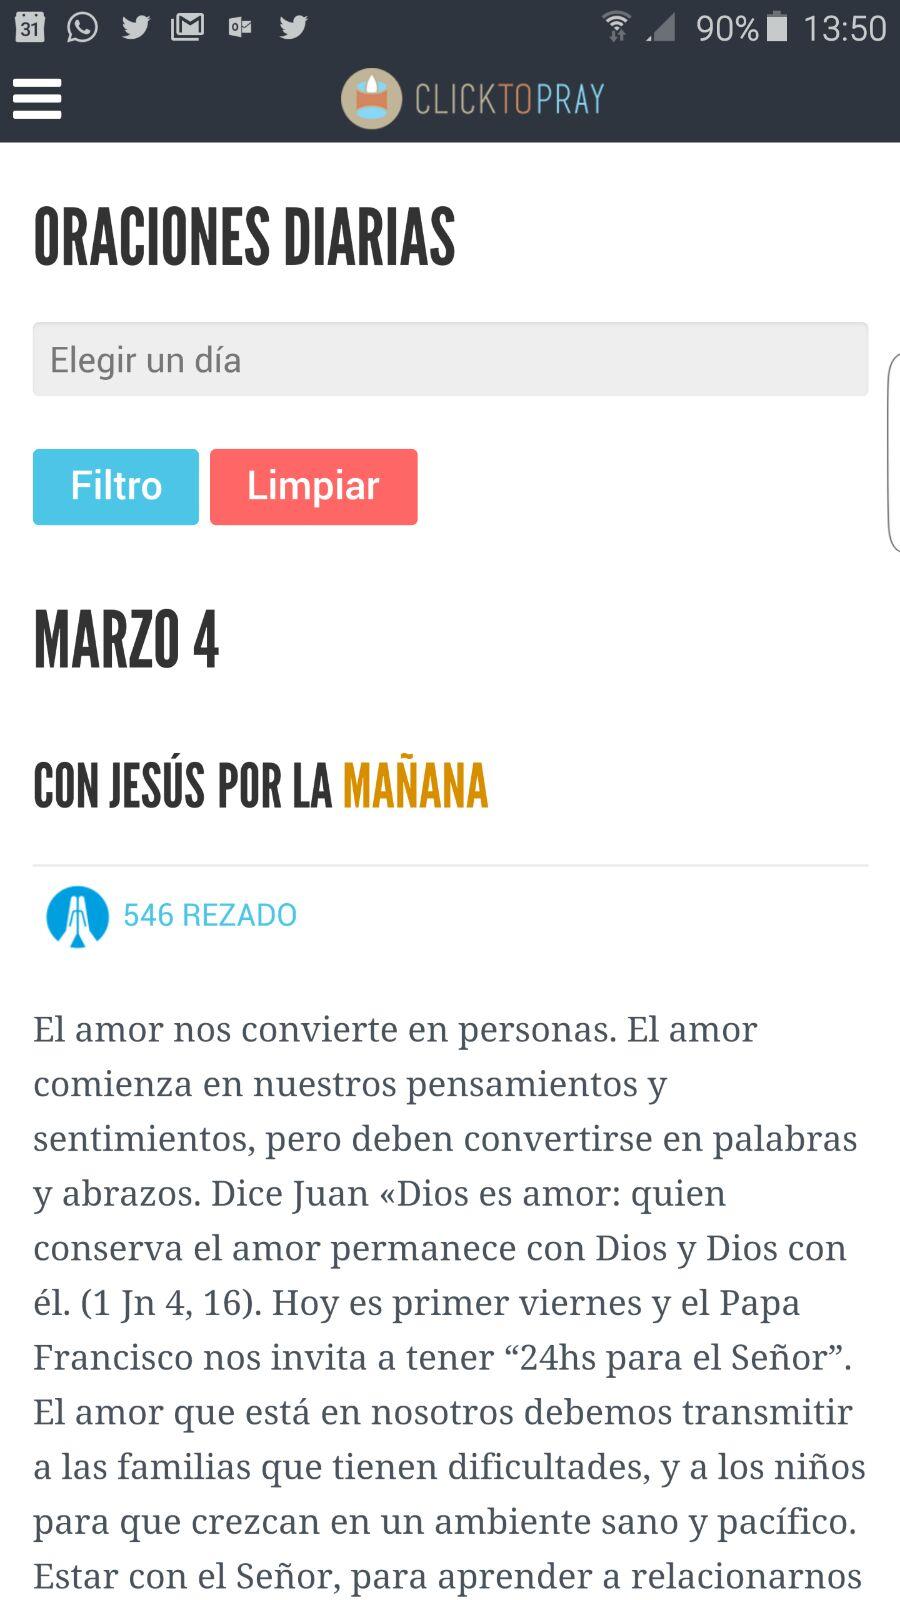 click to pray 1